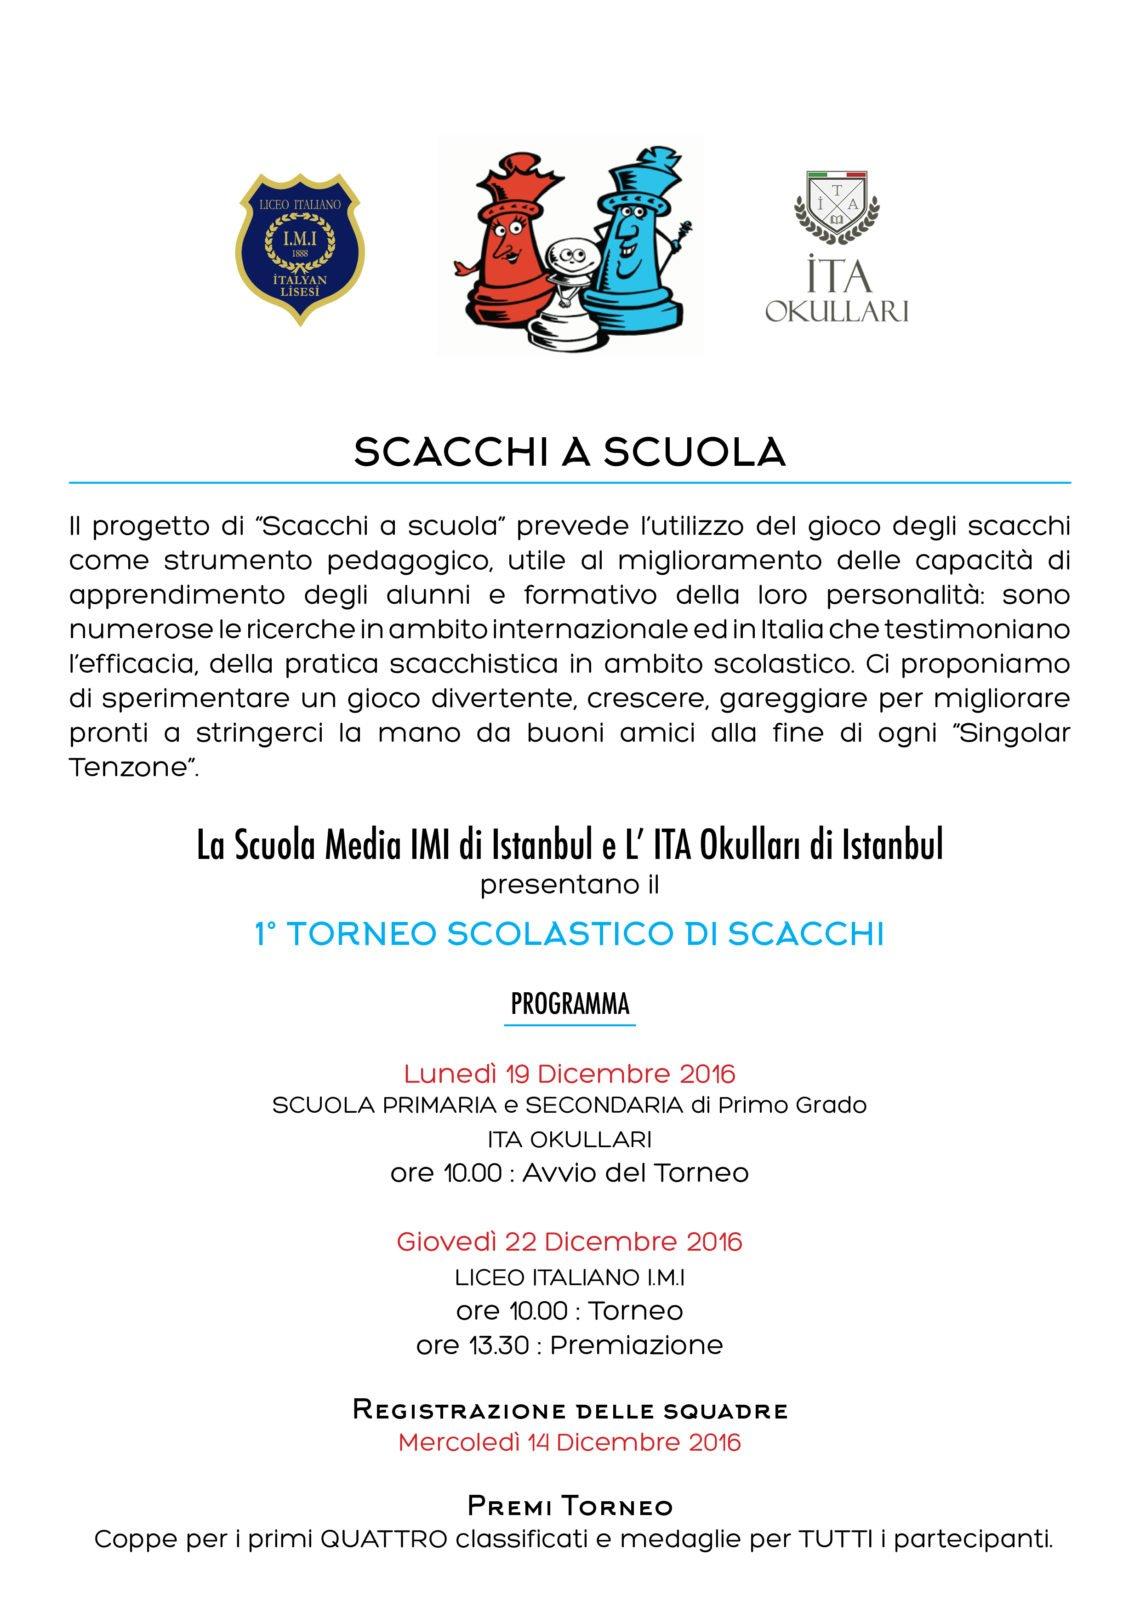 Calendario Tornei Scacchi.Scacchi A Scuola Liceo Italiano Imi